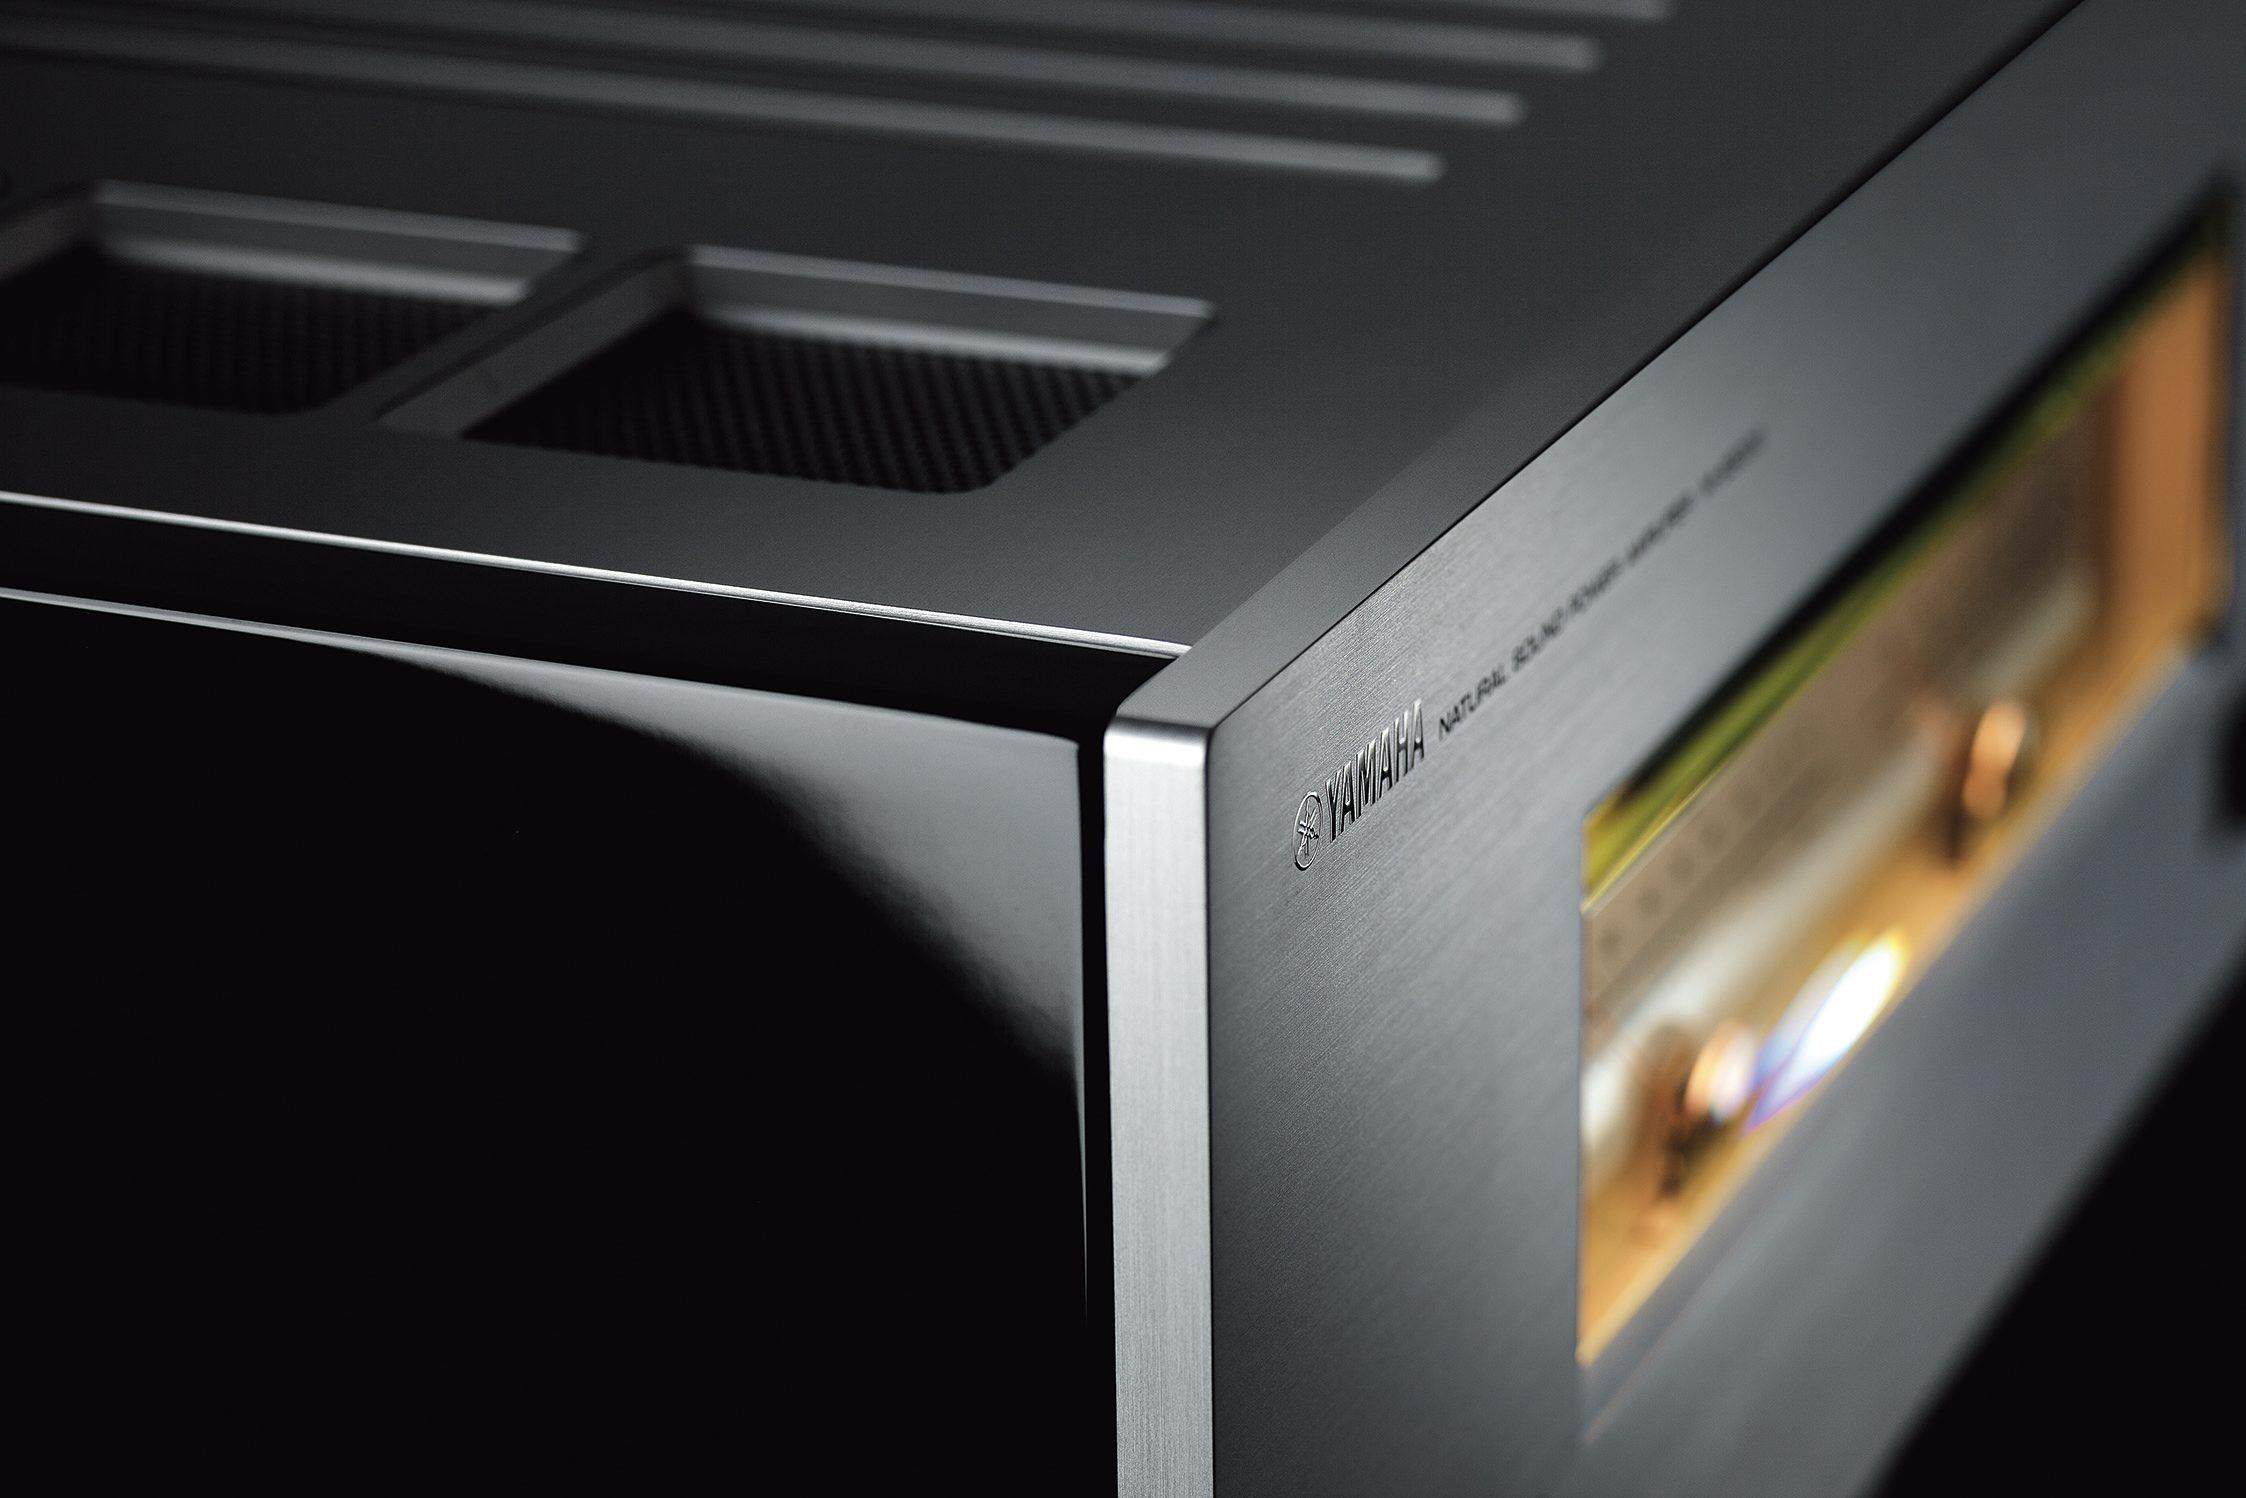 Yamaha M-5000 Barevné provedení: stříbrné